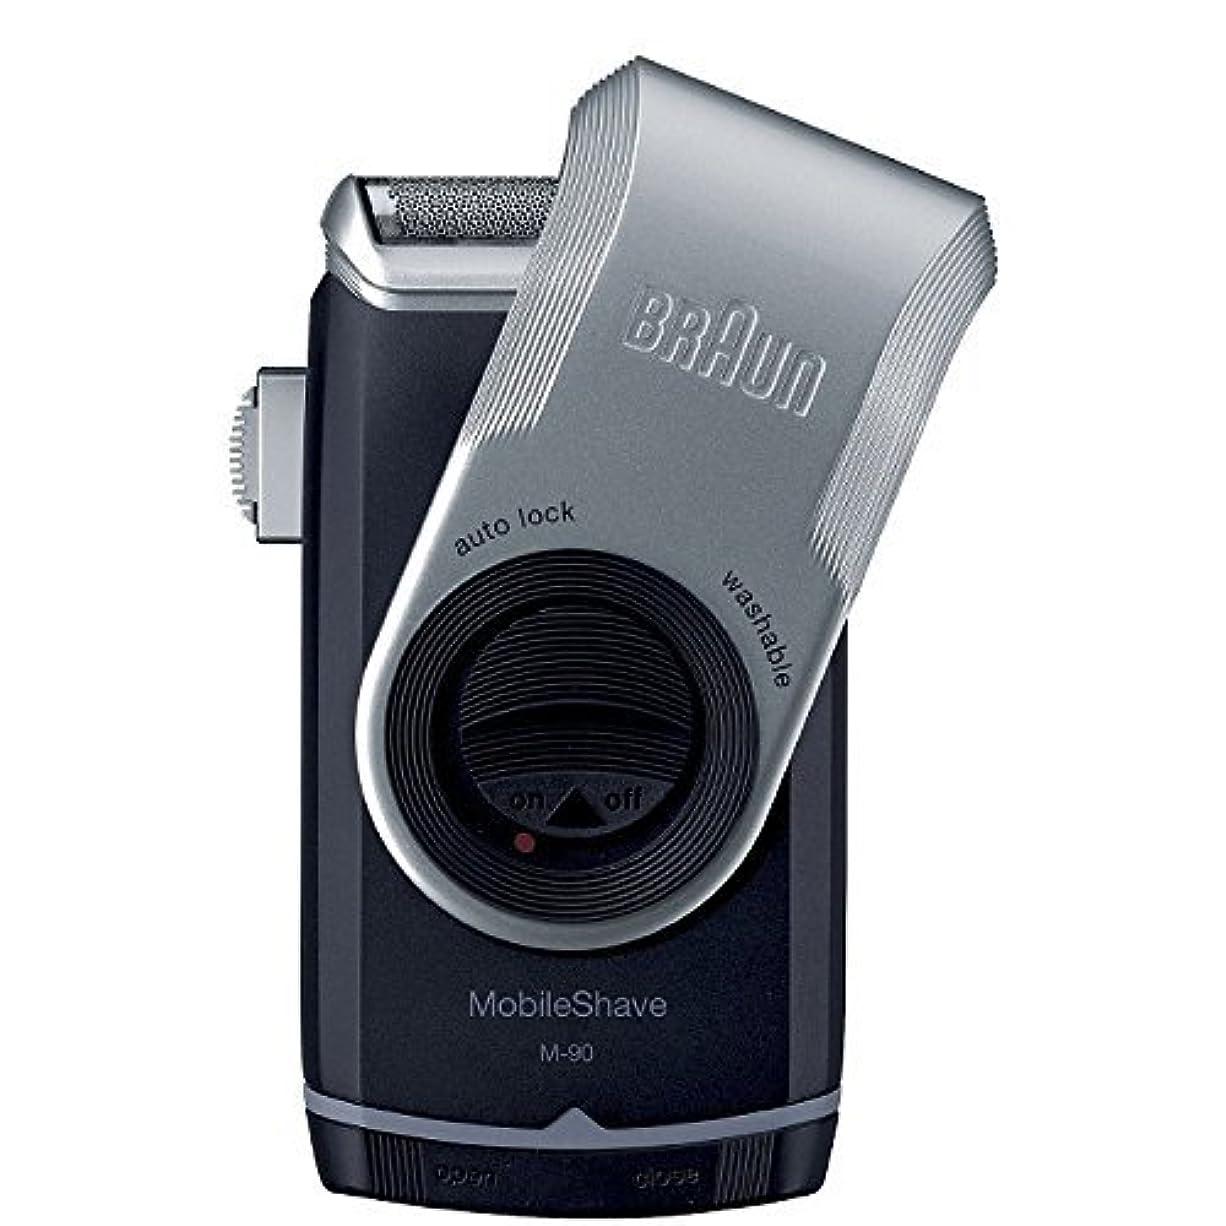 意外ぼんやりした楽しいBraun M90 Pocketgo Mobileshave スマートホイルでポータブルシェーバー [並行輸入品]